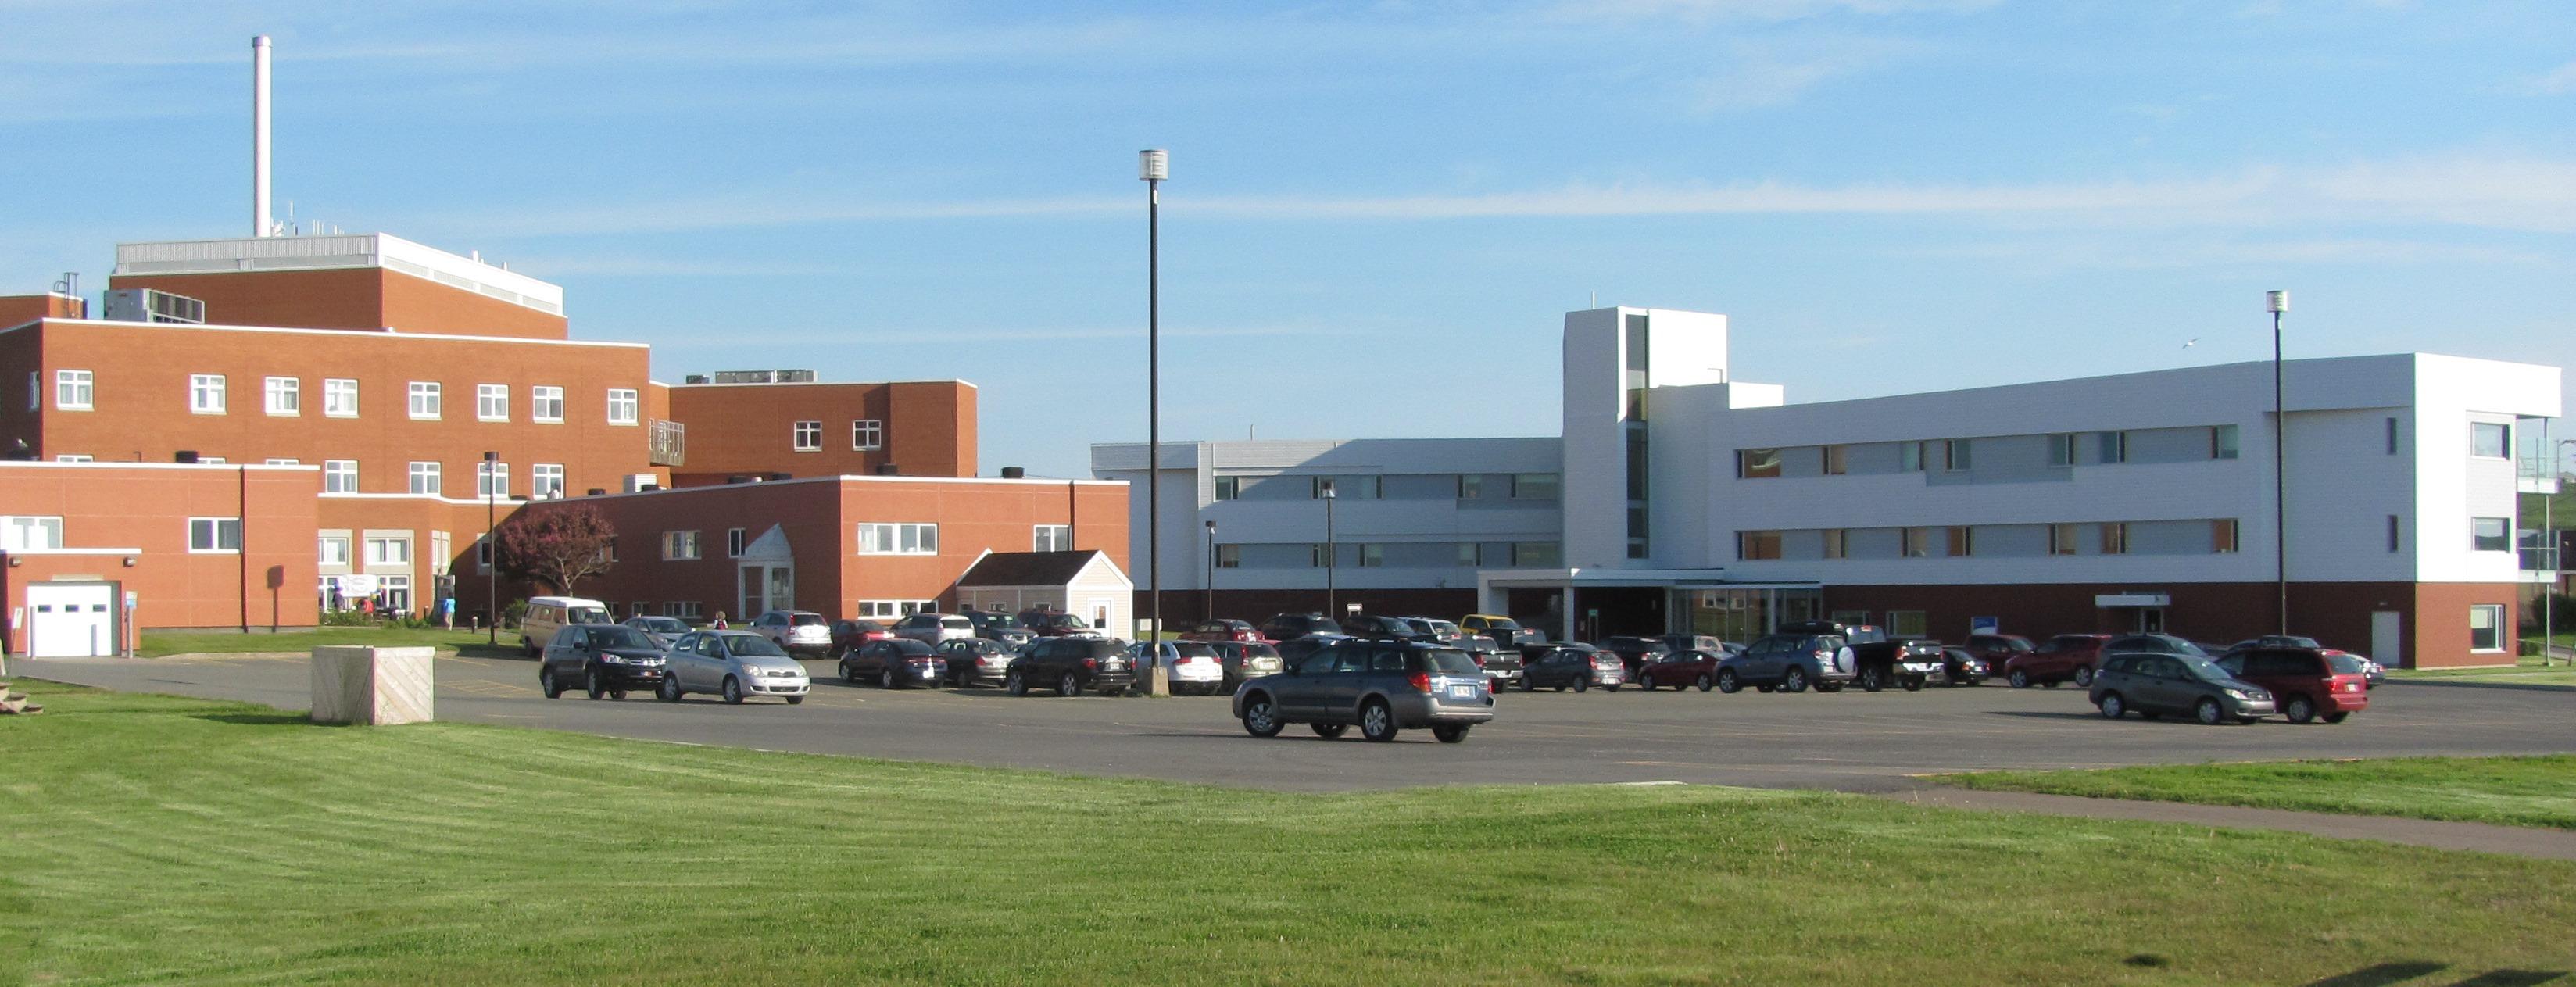 21juin2013-Hôpital-CHSLD-2